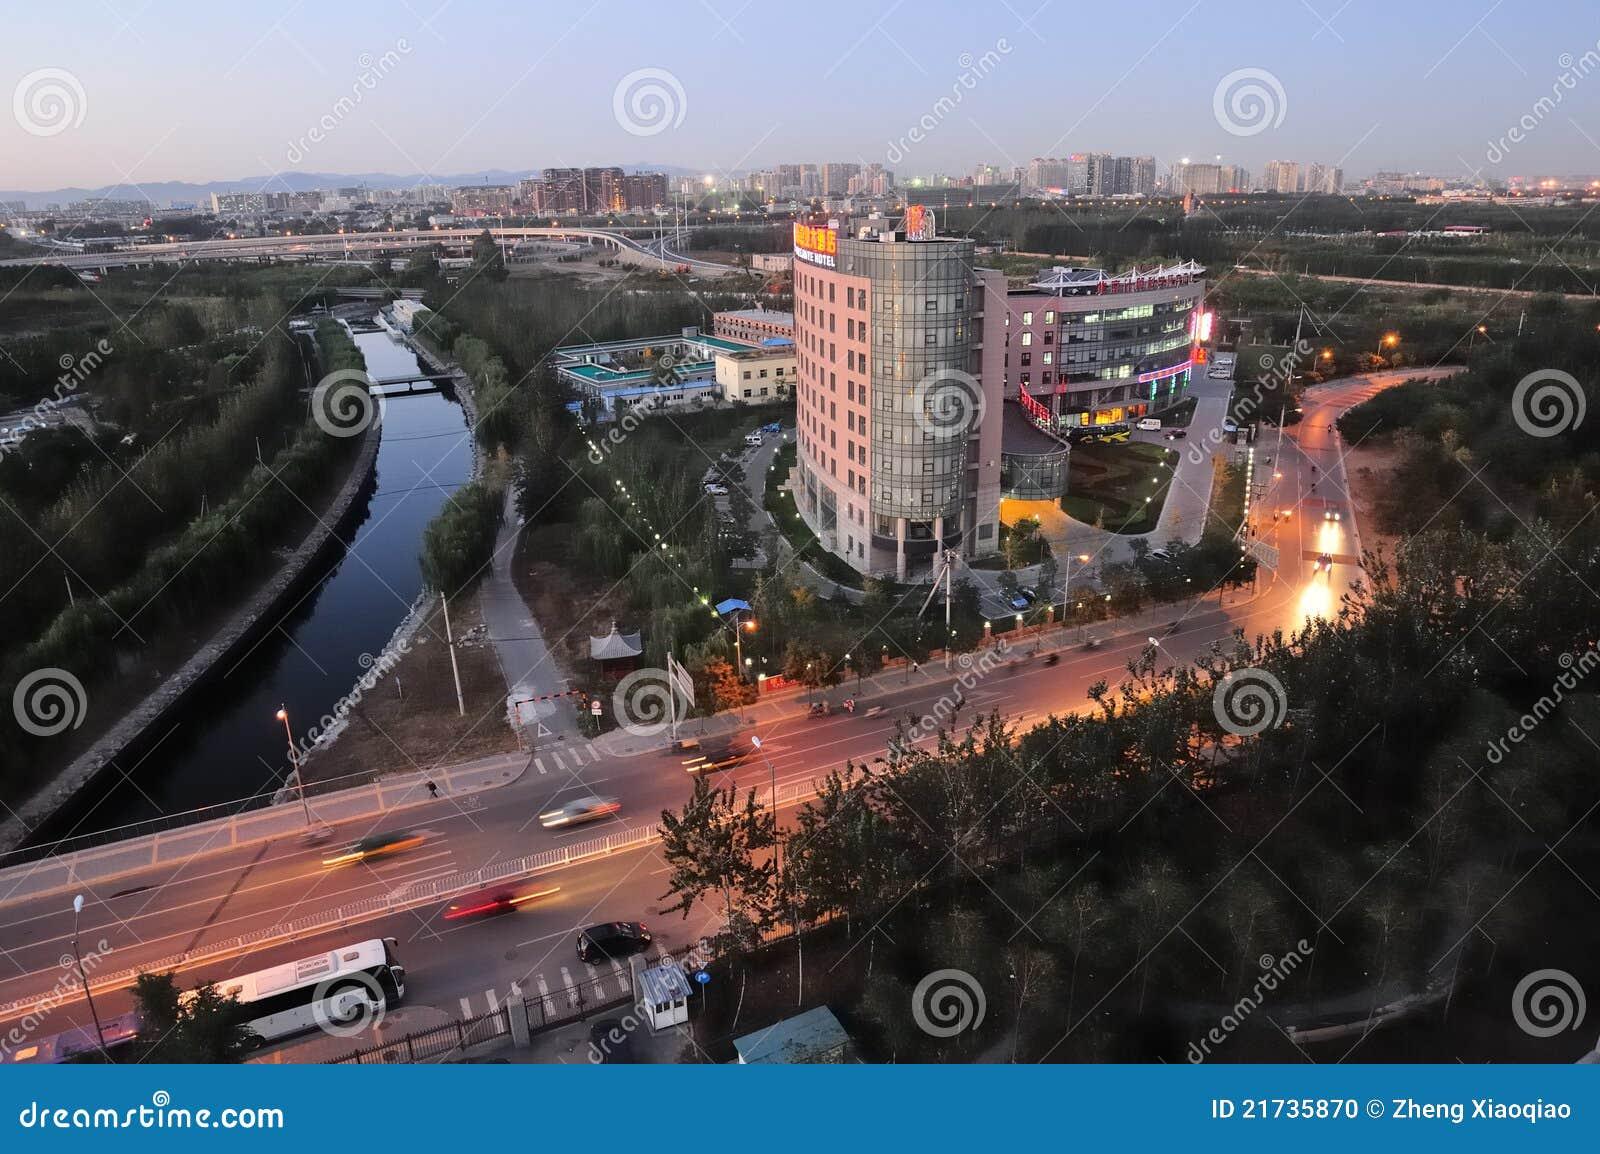 Beijing city view